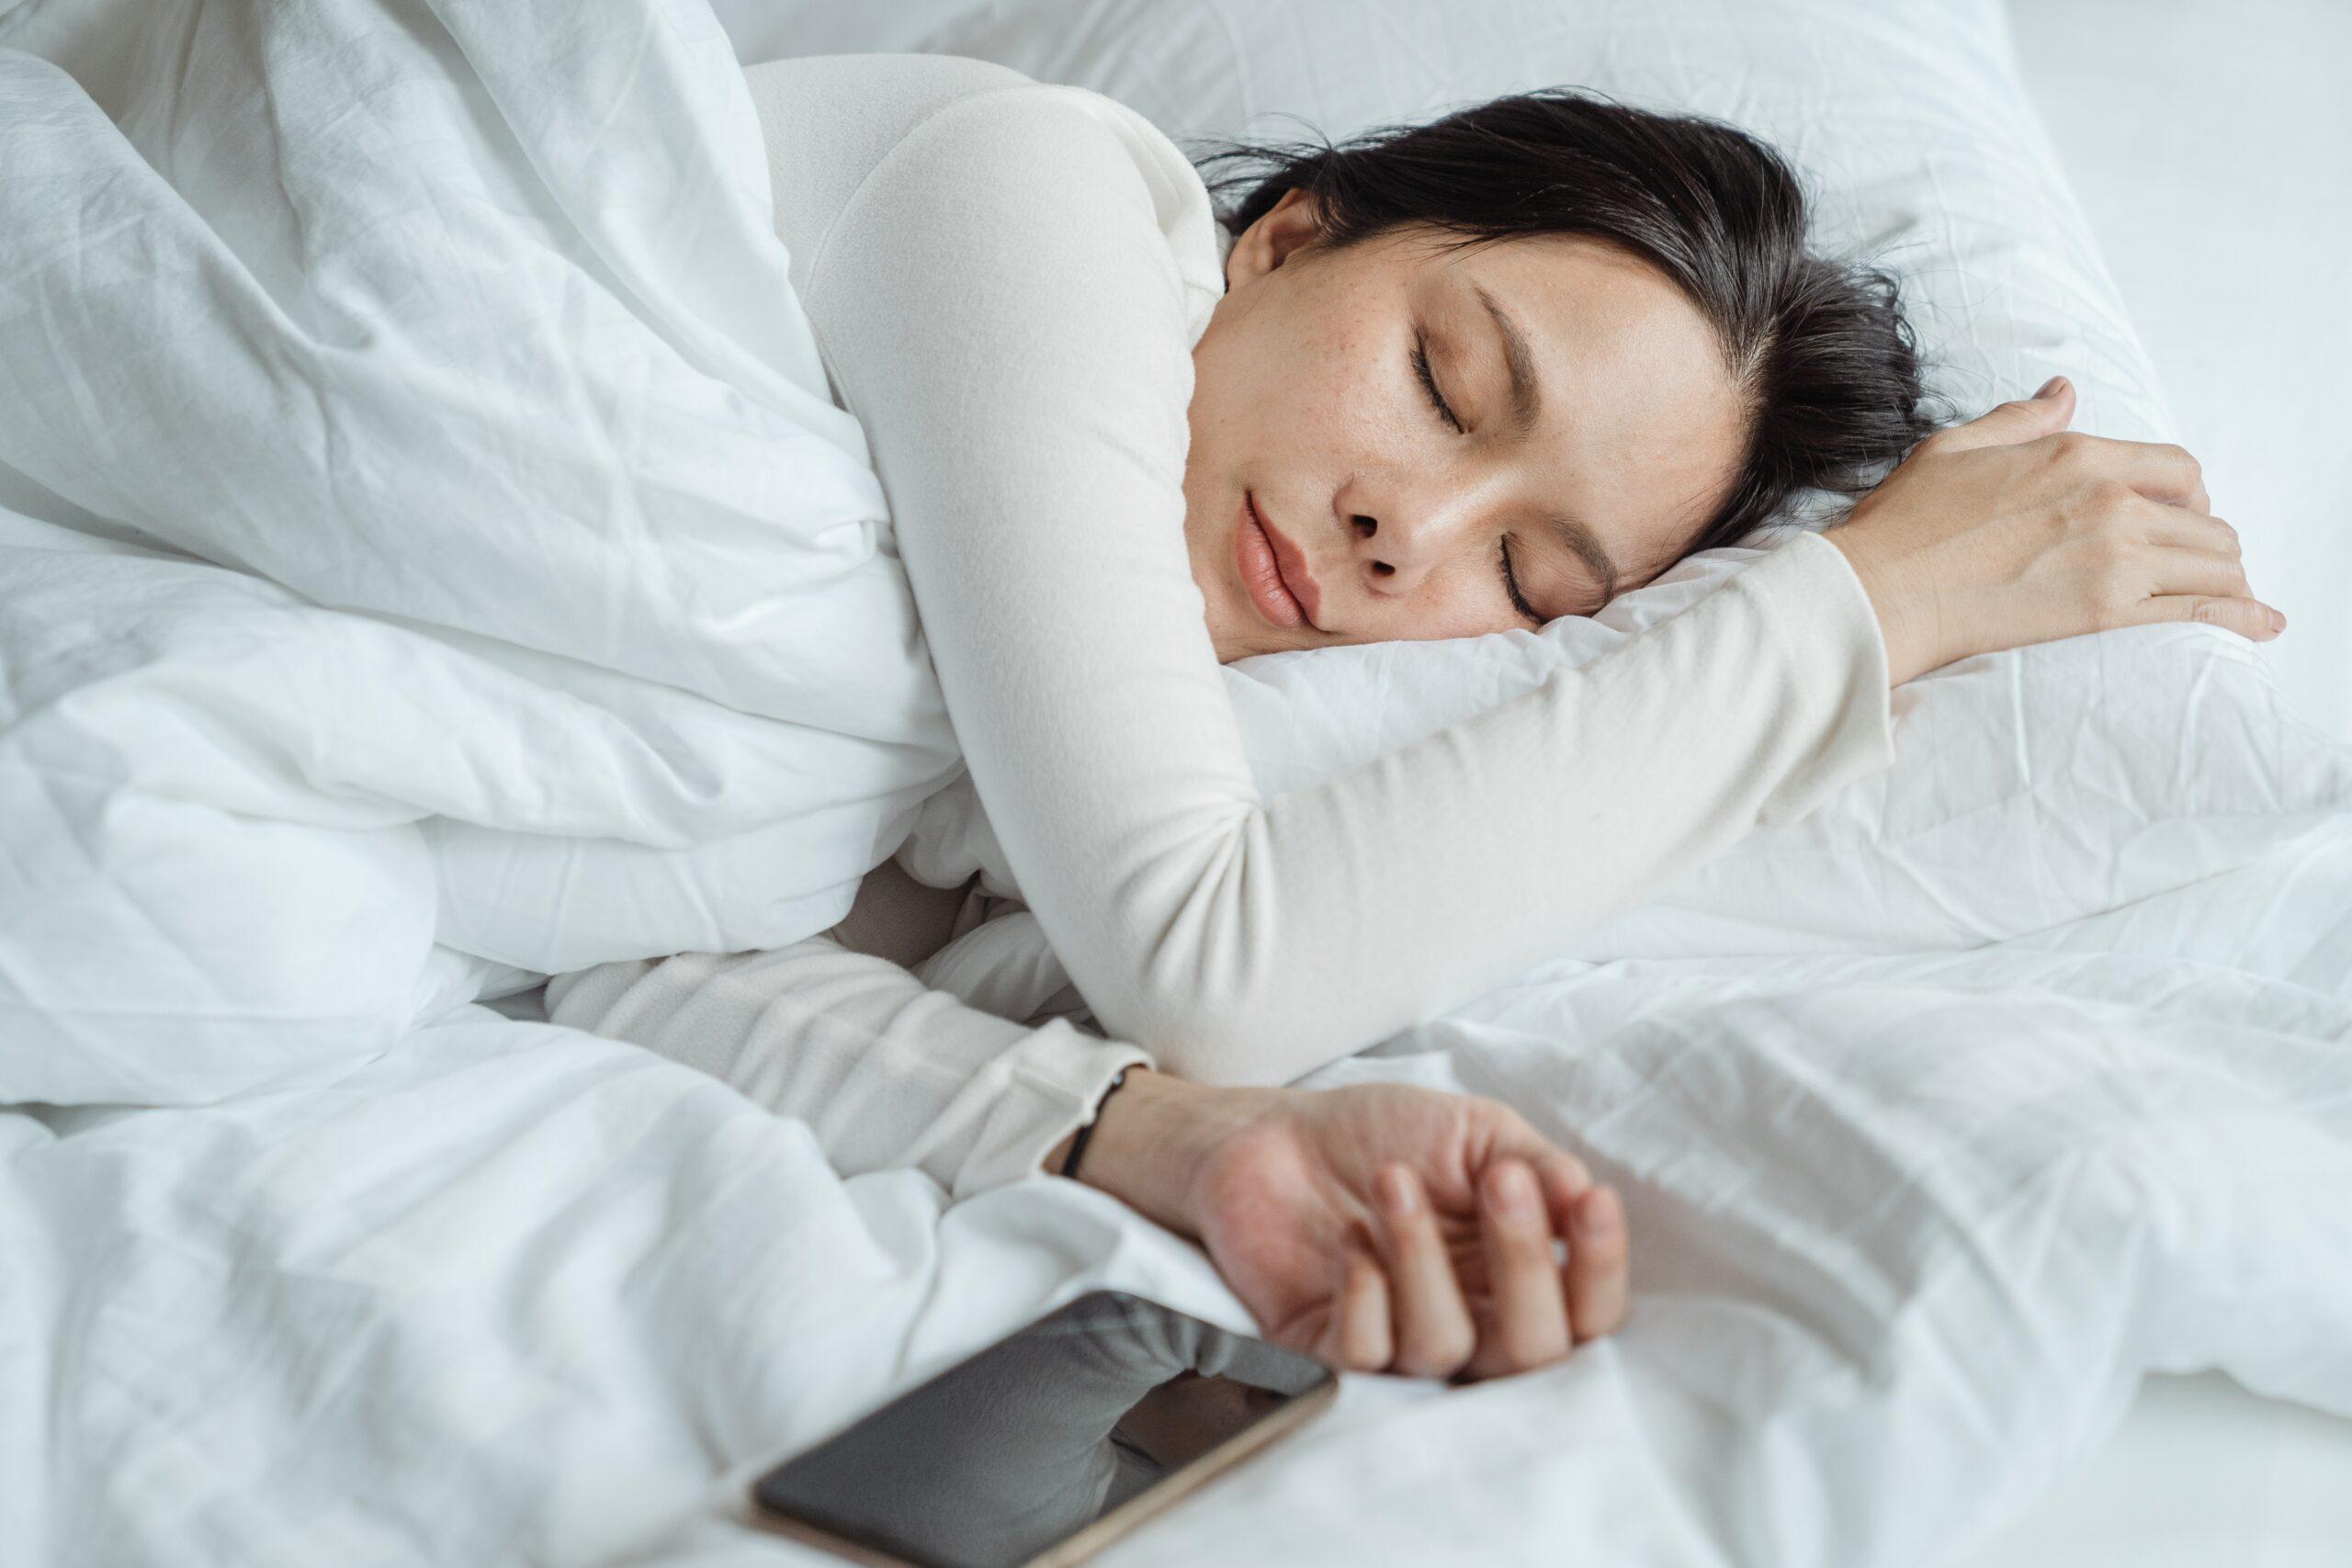 chi dorme